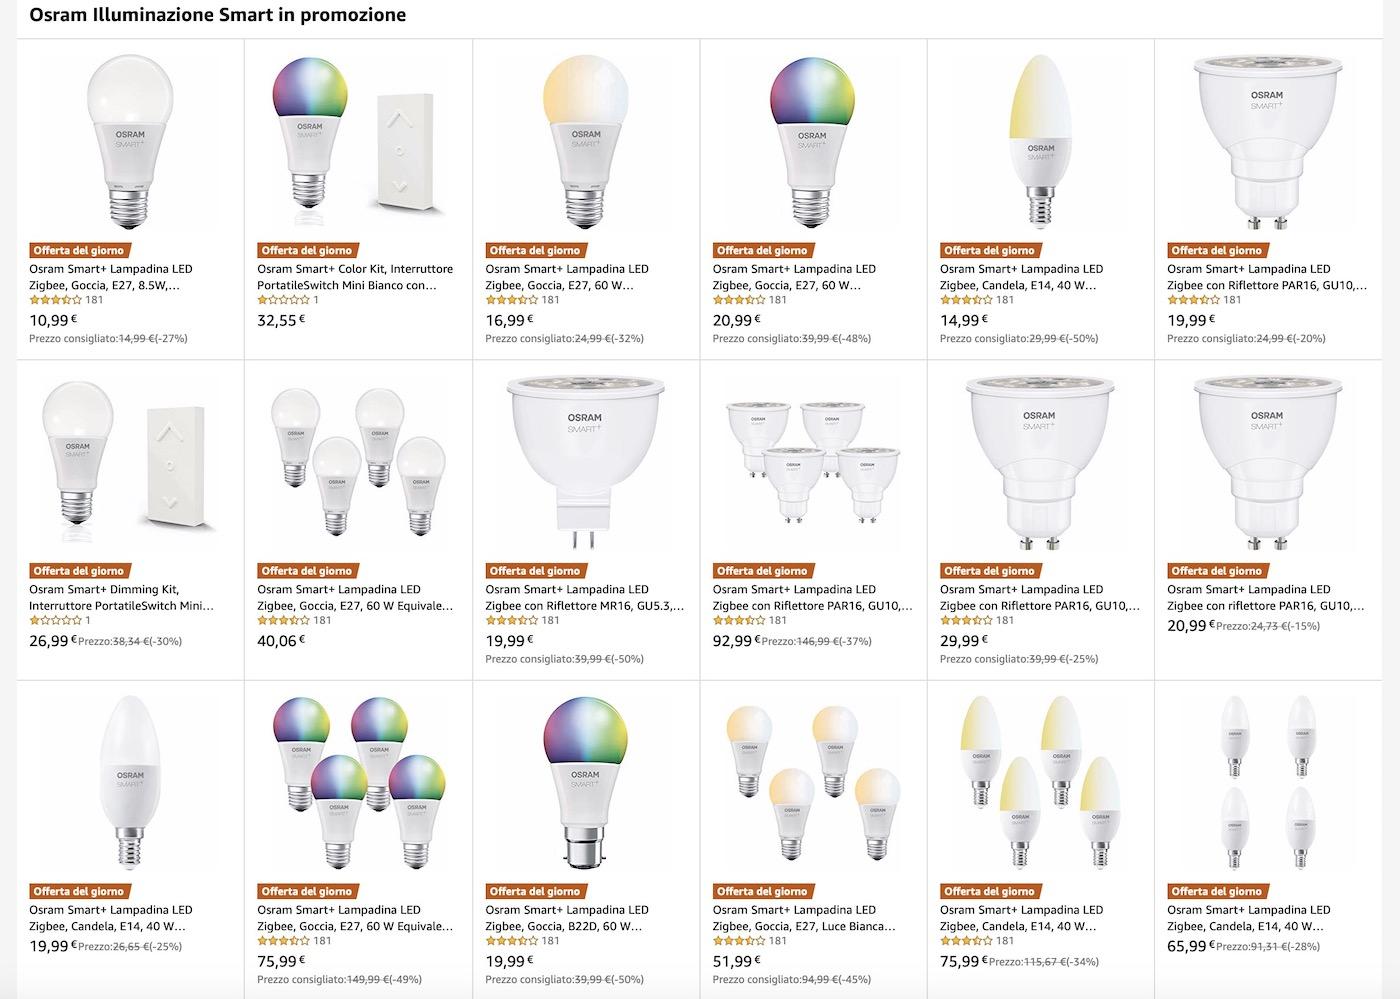 Super Offerte Domotica Osram su Amazon: strisce led, lampade e prese da esterno con sconti fino al 60%